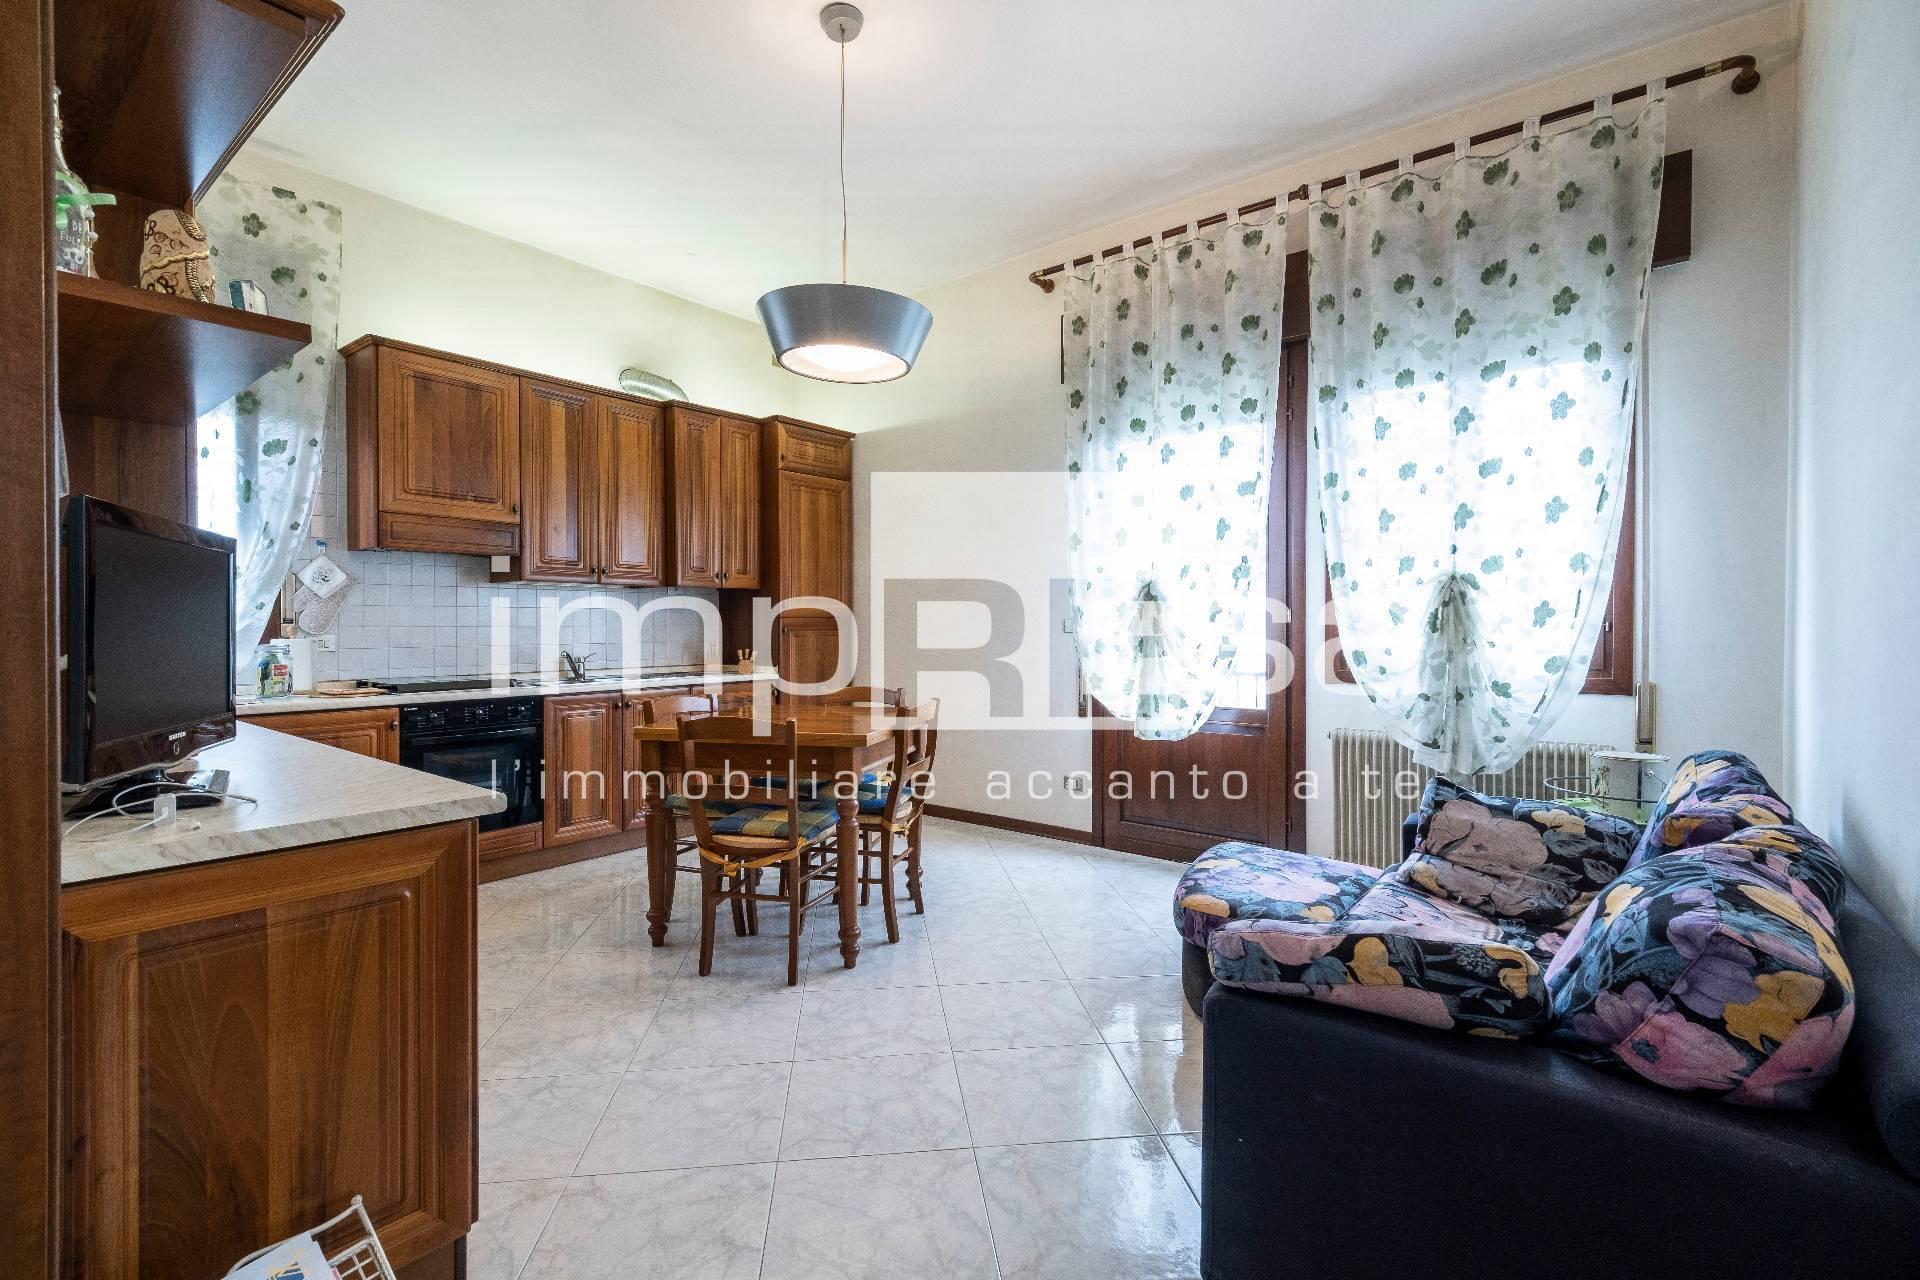 Appartamento in vendita a Treviso, 3 locali, zona Località: S.Angelo/S.MariadelSile, prezzo € 99.000   PortaleAgenzieImmobiliari.it